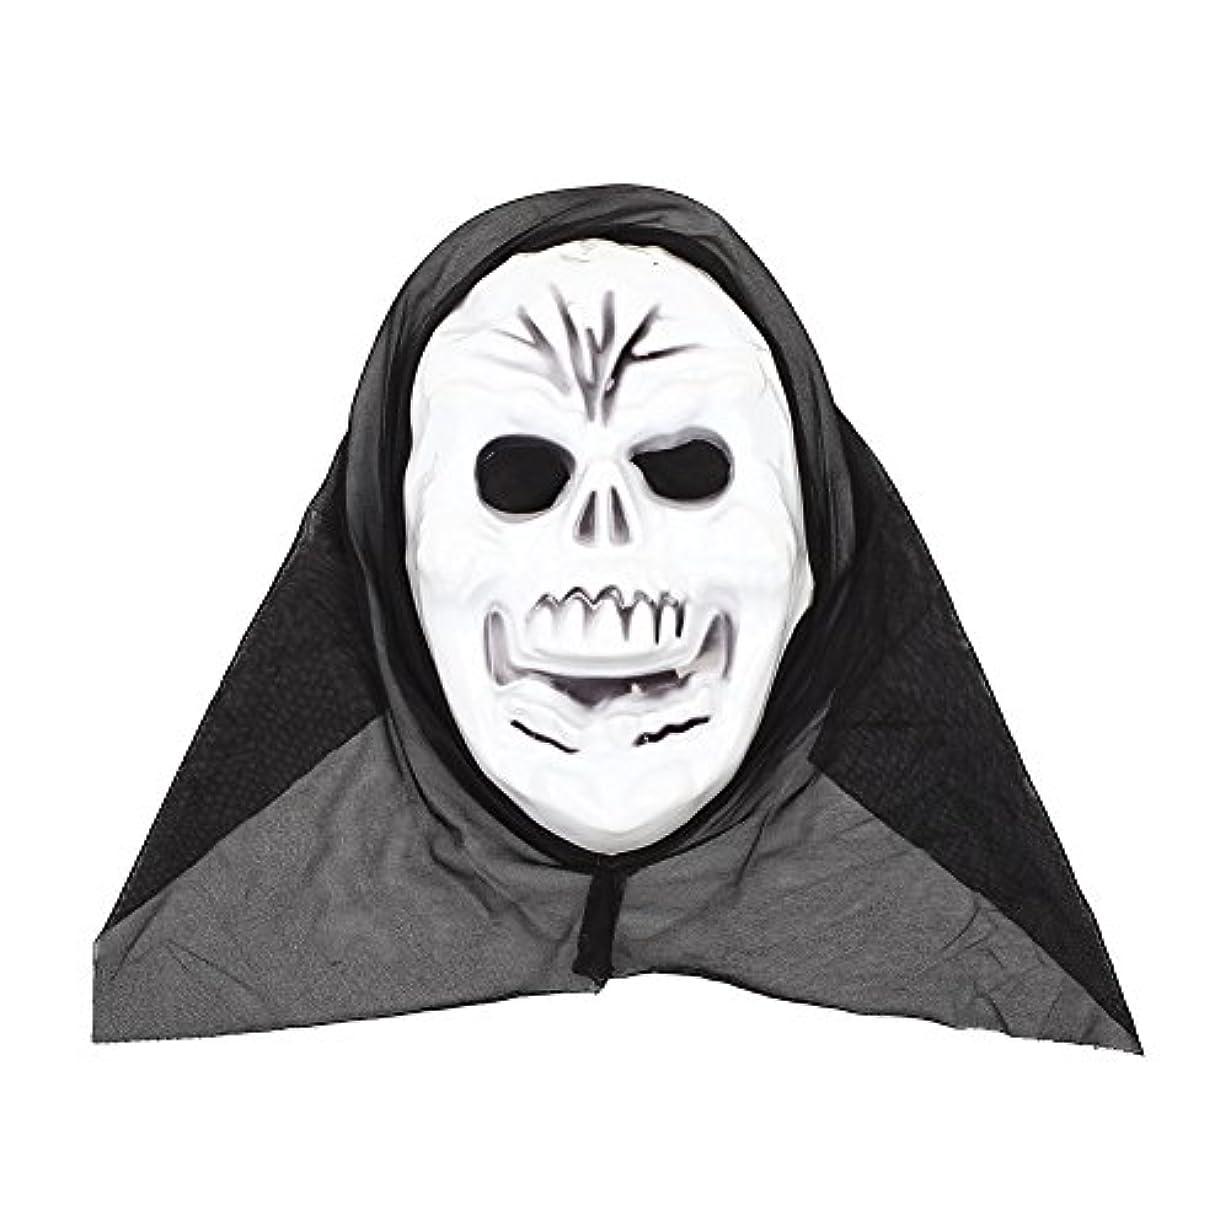 自己尊重やけど犯すAuntwhale ハロウィンマスク大人恐怖コスチューム、スクリームファンシーマスカレードパーティーハロウィンマスク、フェスティバル通気性ギフトヘッドマスク